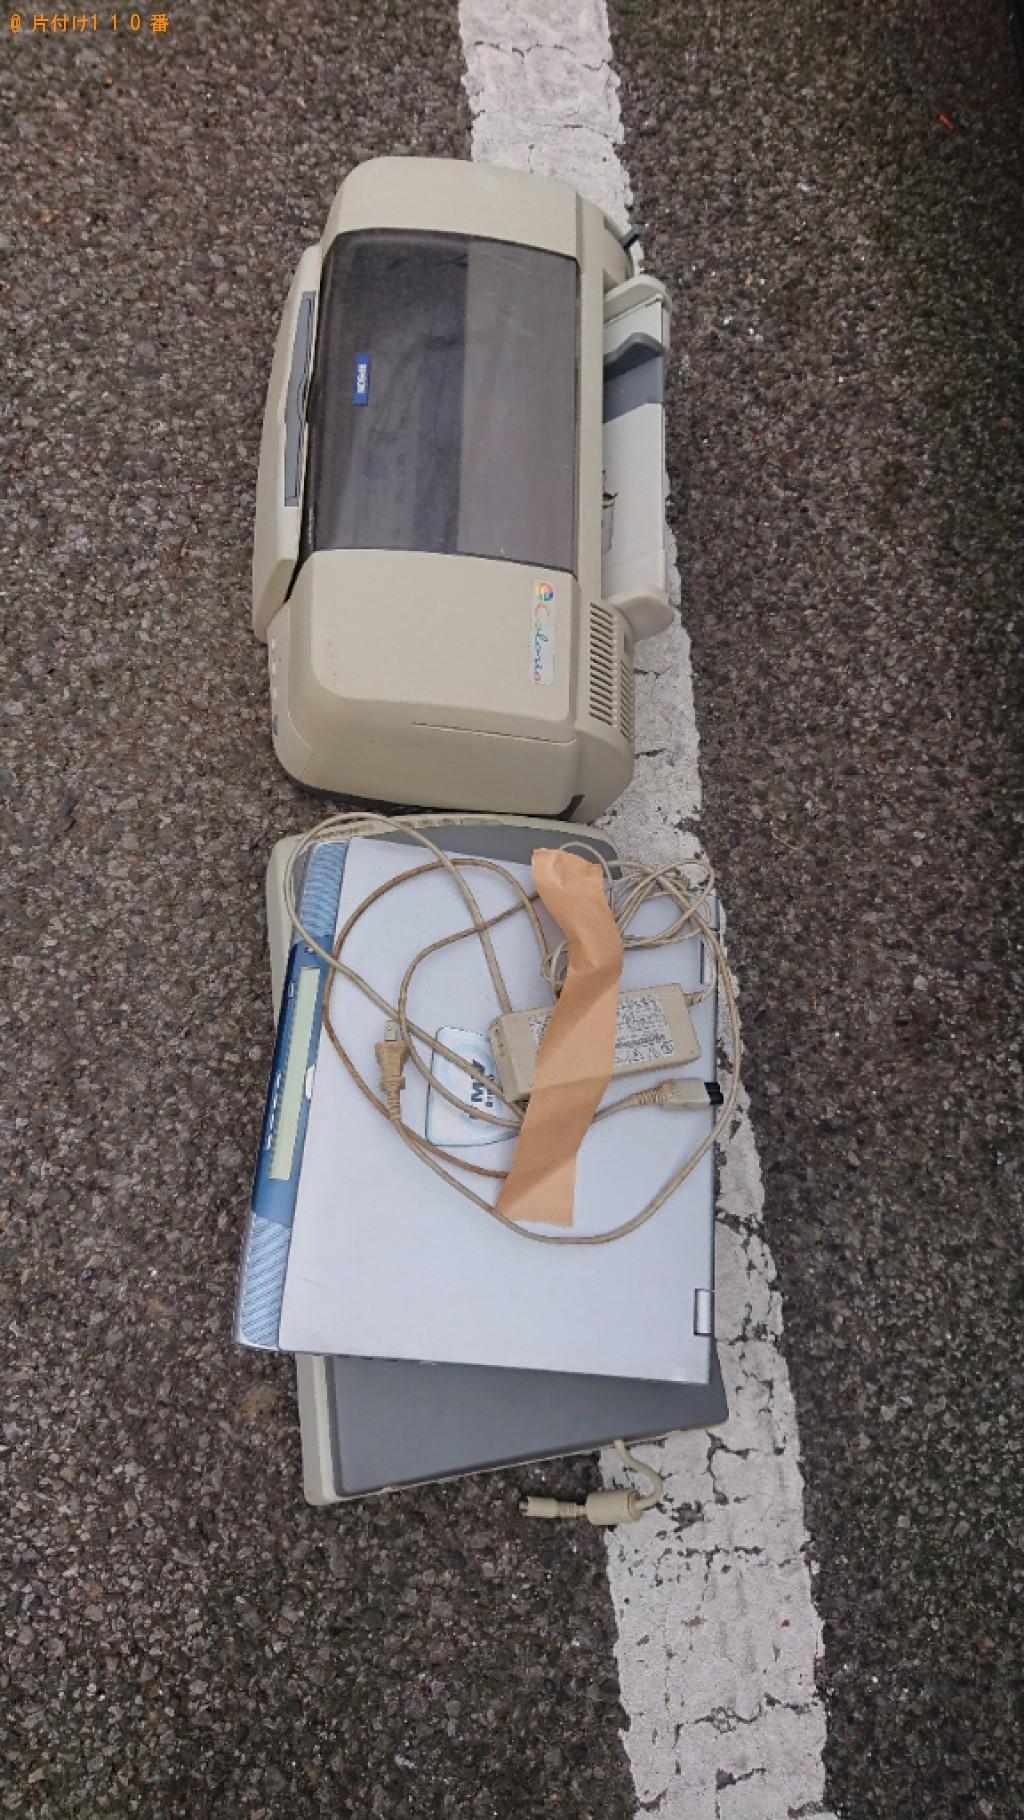 【船橋市】家電の出張不用品回収・処分ご依頼 お客様の声